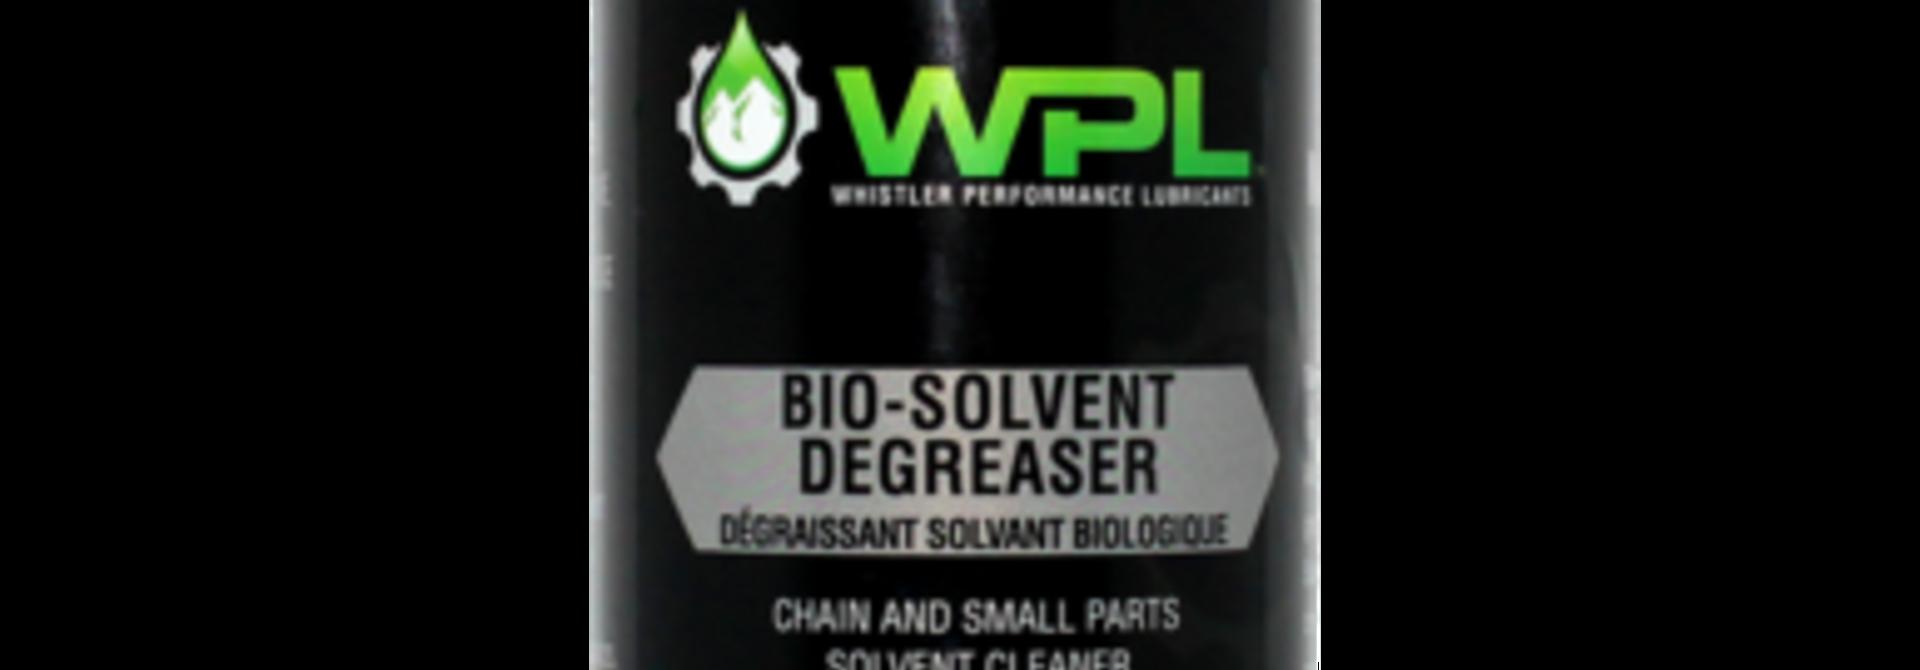 WPL Bio-Solvent Degreaser 473ml